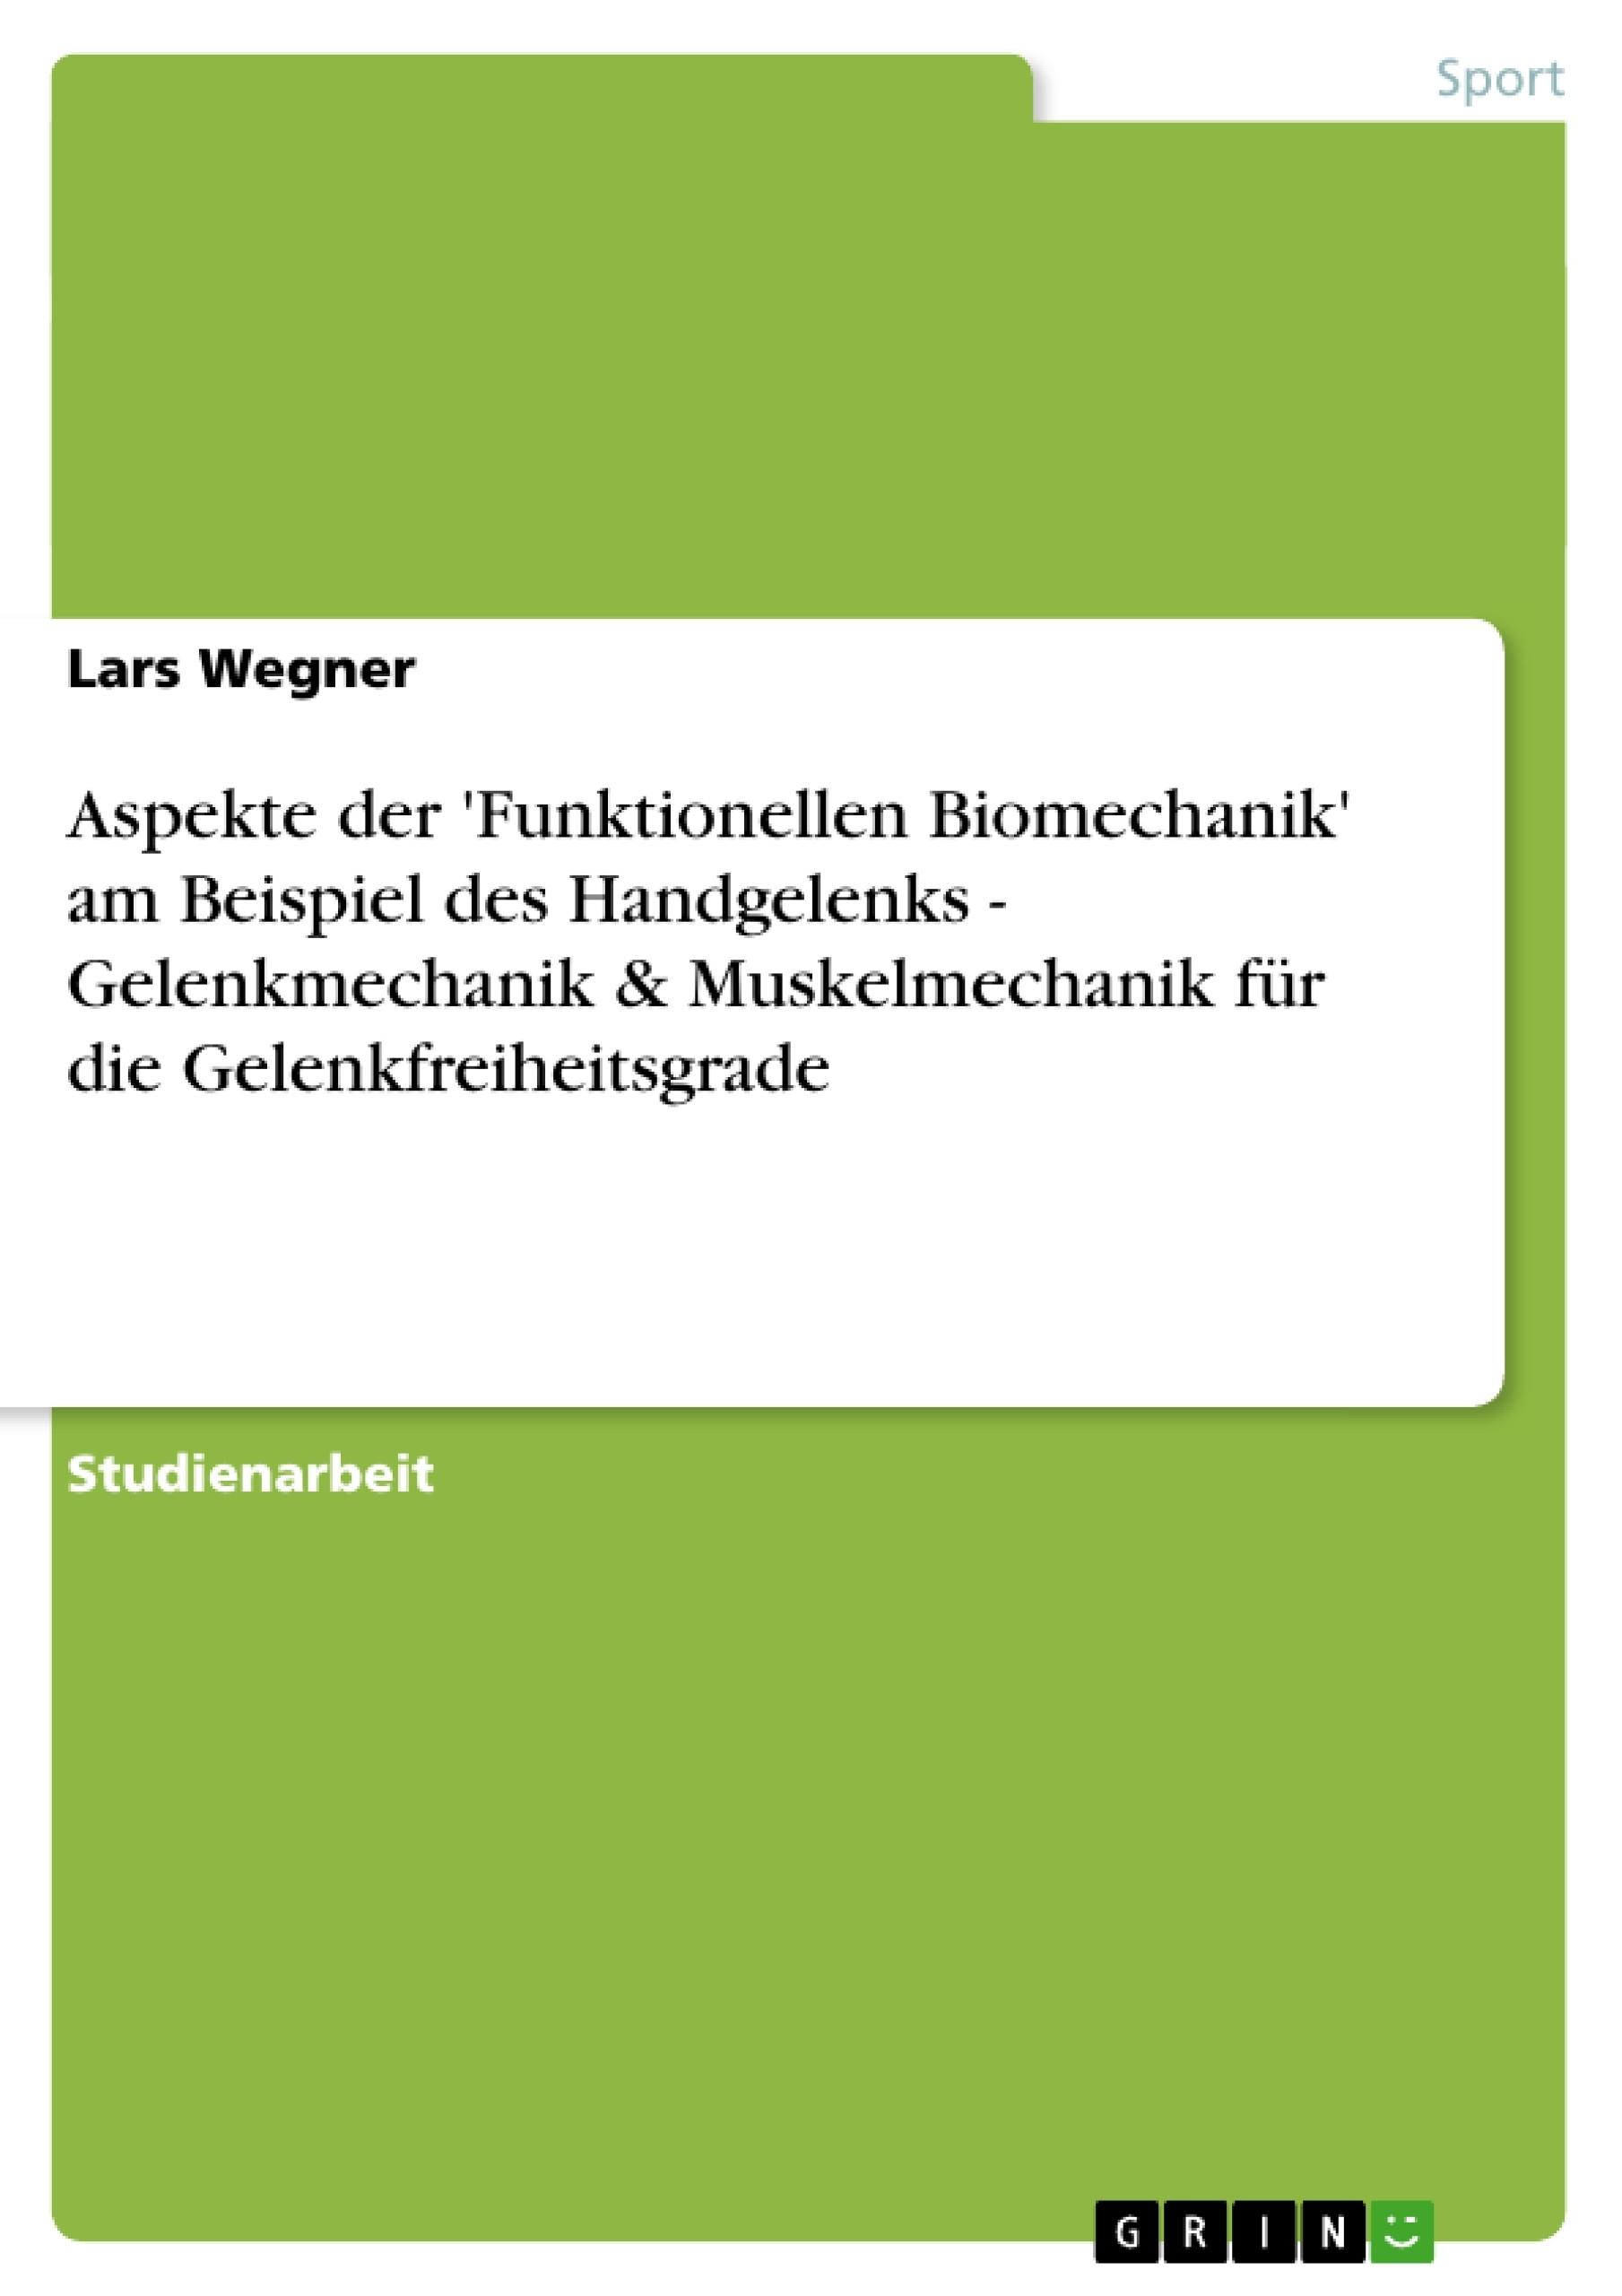 Titel: Aspekte der 'Funktionellen Biomechanik' am Beispiel des Handgelenks - Gelenkmechanik & Muskelmechanik für die Gelenkfreiheitsgrade